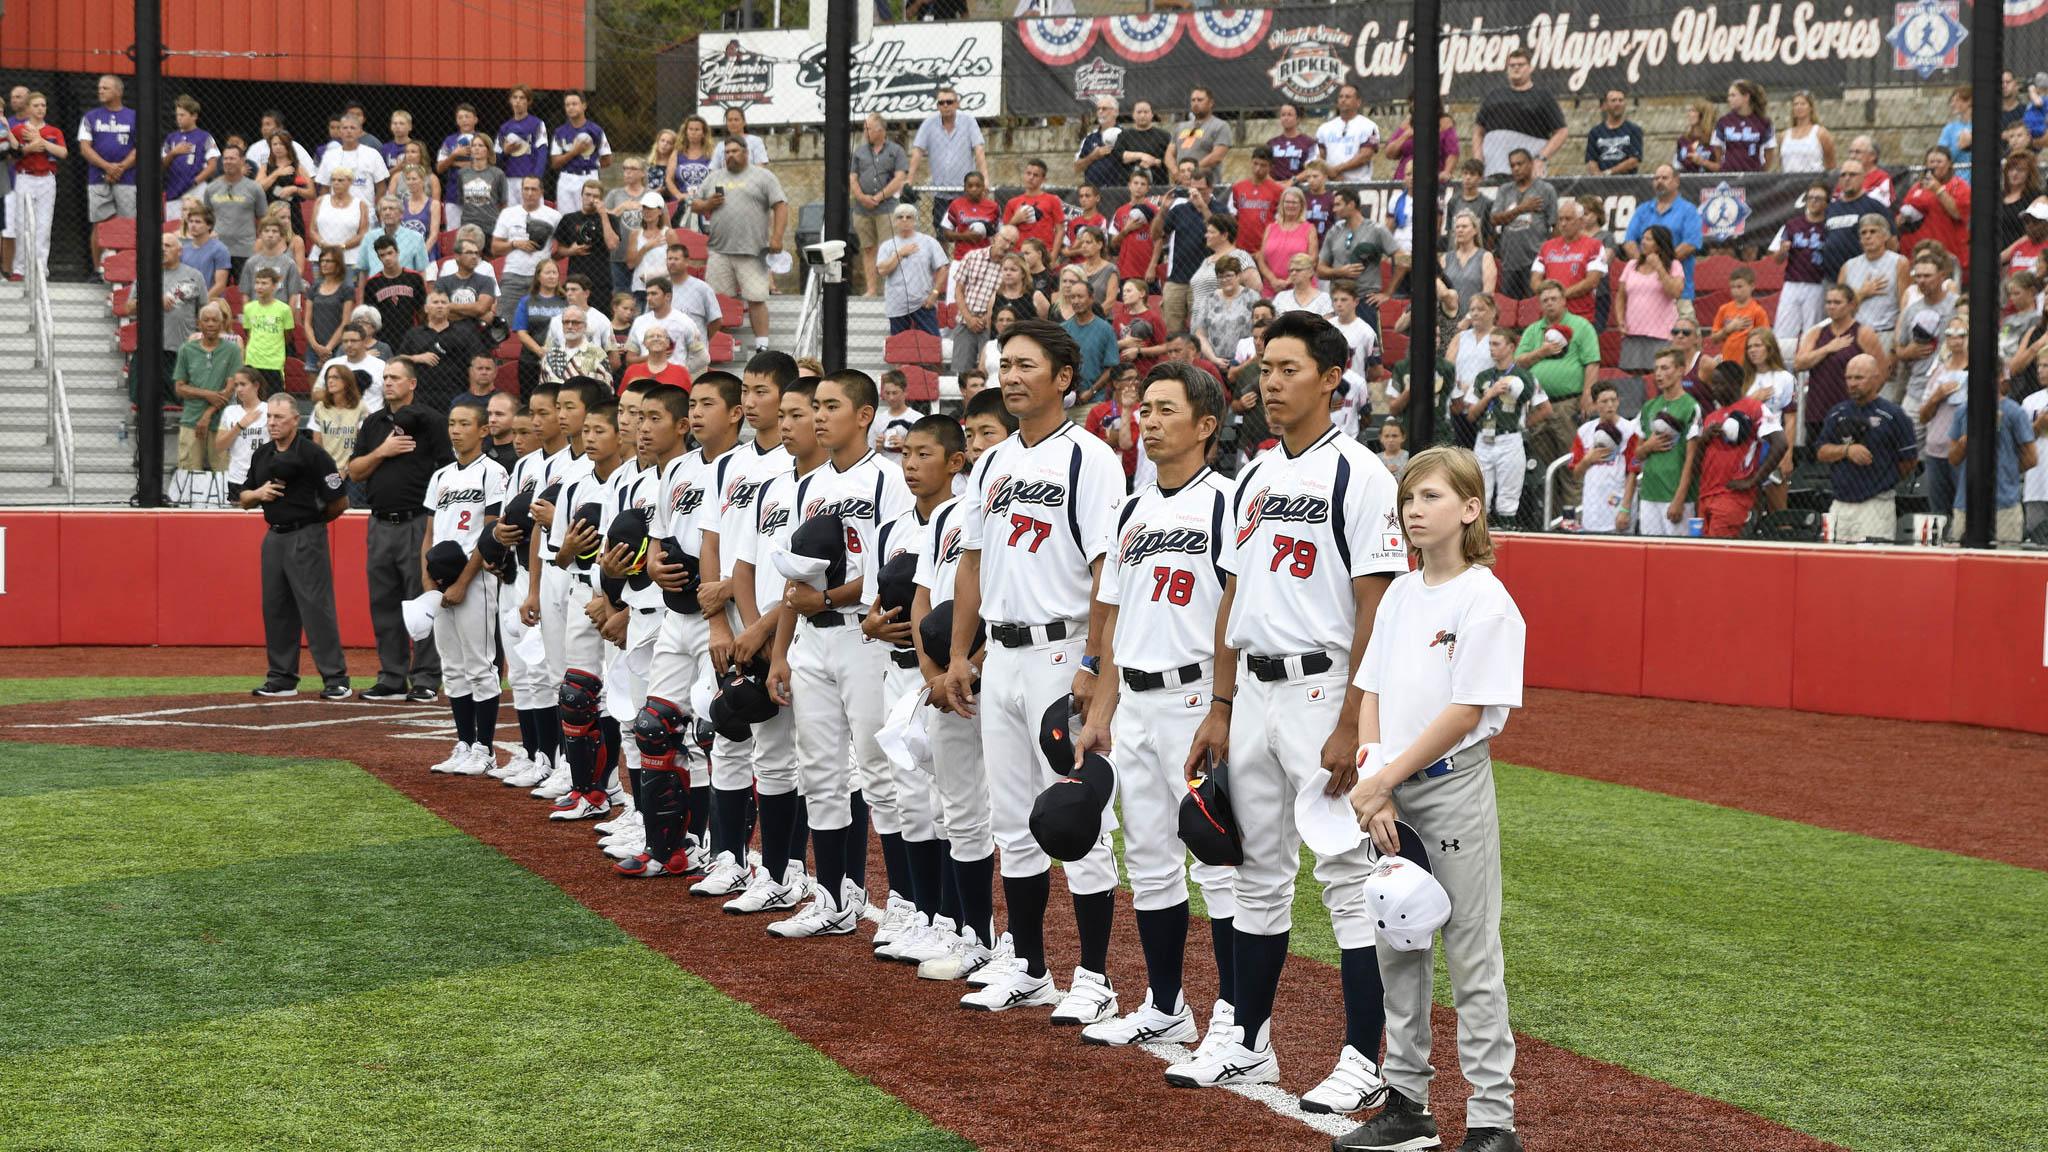 190510 Cal Ripken World Series Ball Parks American Japan Pre Game NOP - Ballparks of America will host Cal Ripken World Series through 2022